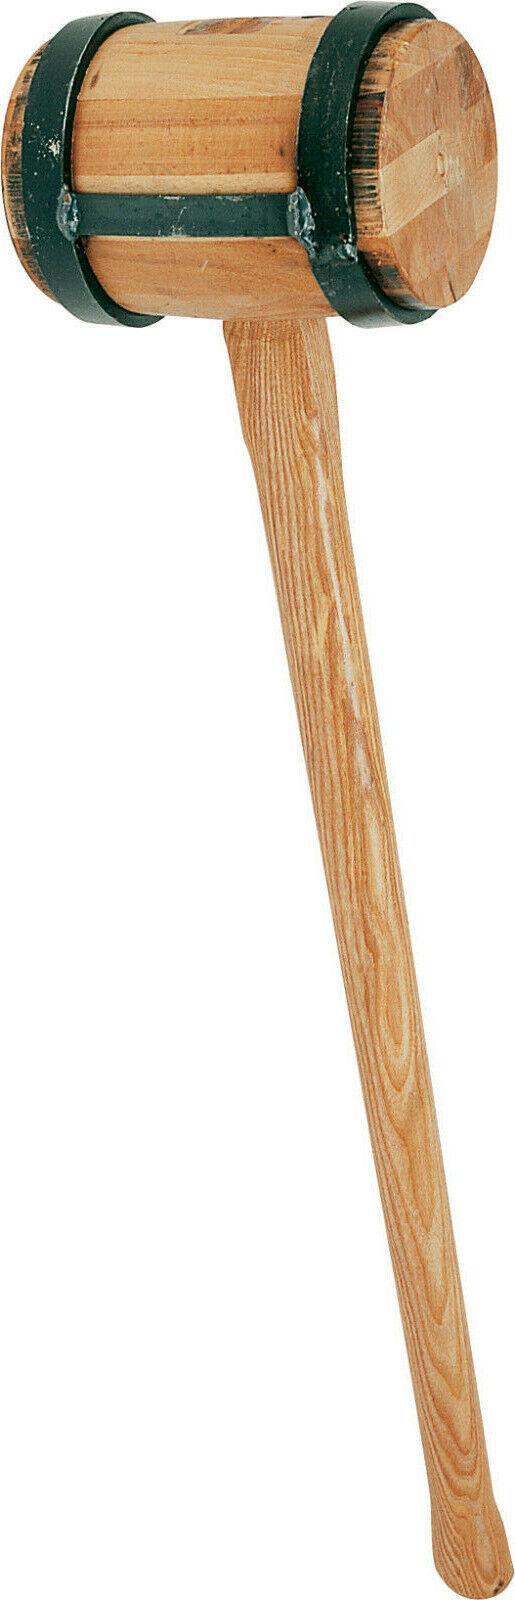 TRIUSO Holzschlegel 4 6 kg Schlegel Holzhammer Einschlaghammer Vorschlaghammer